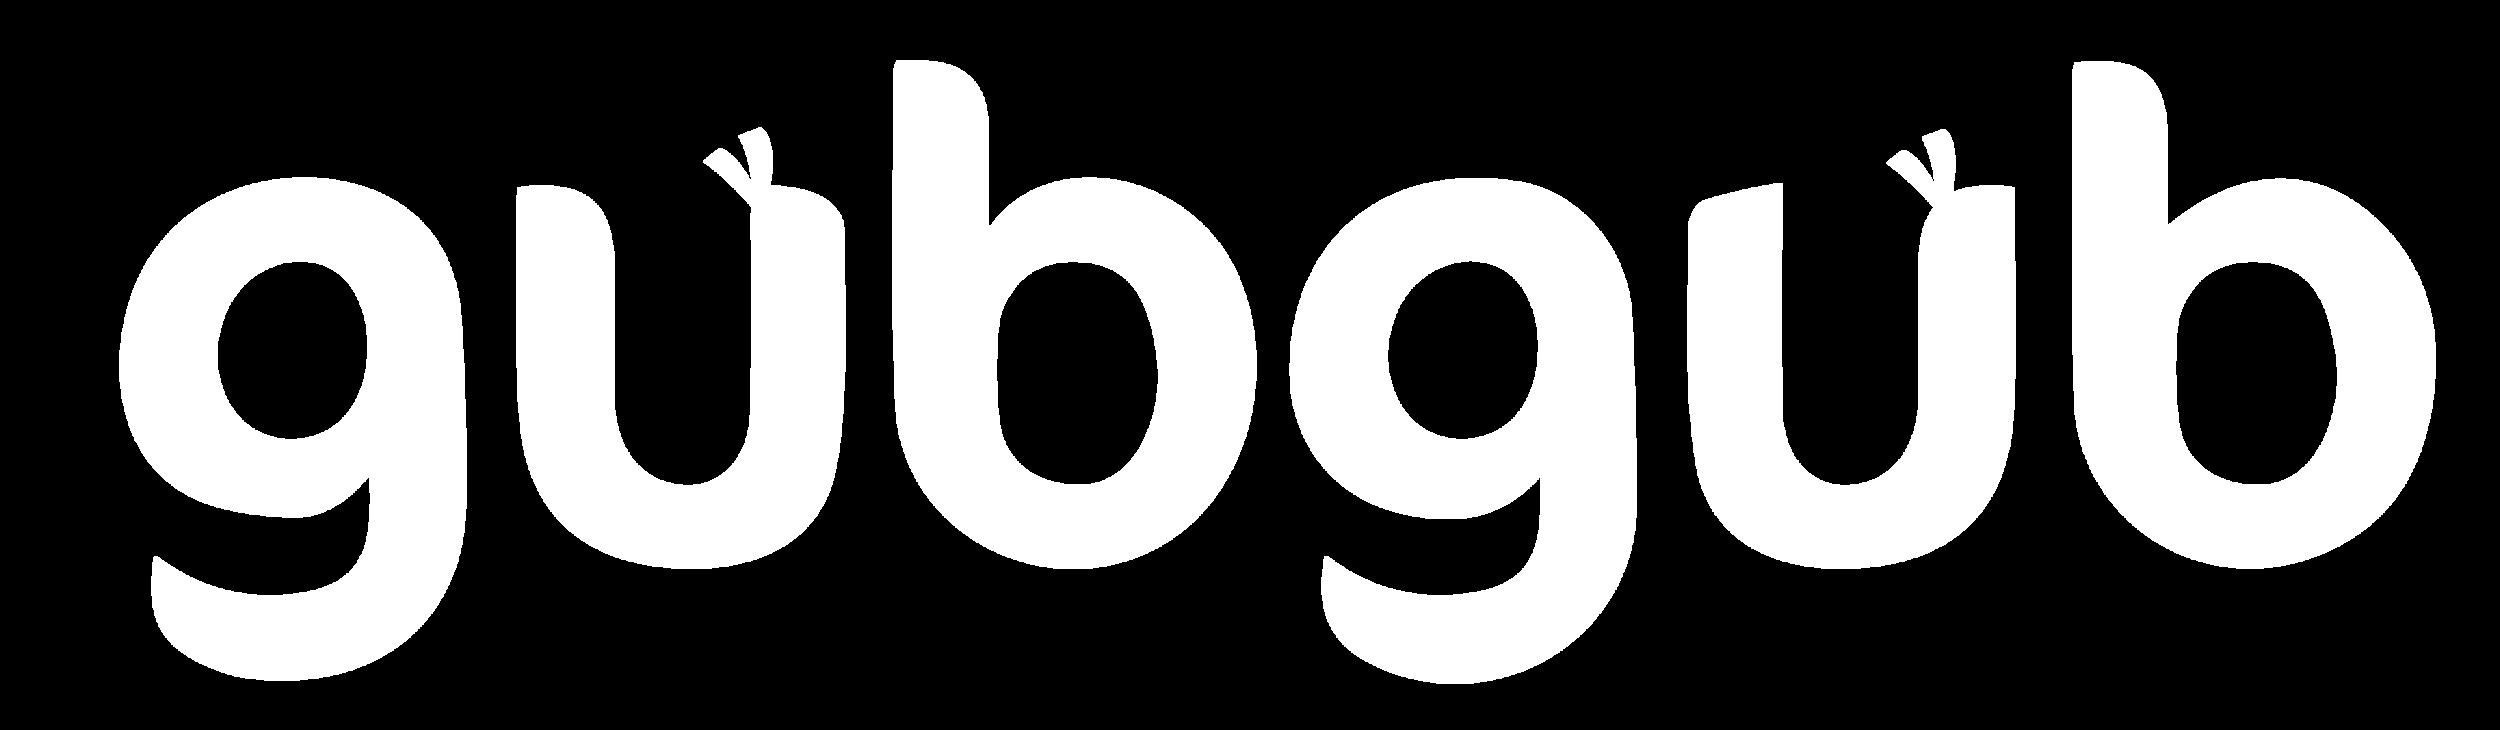 gubgub logo